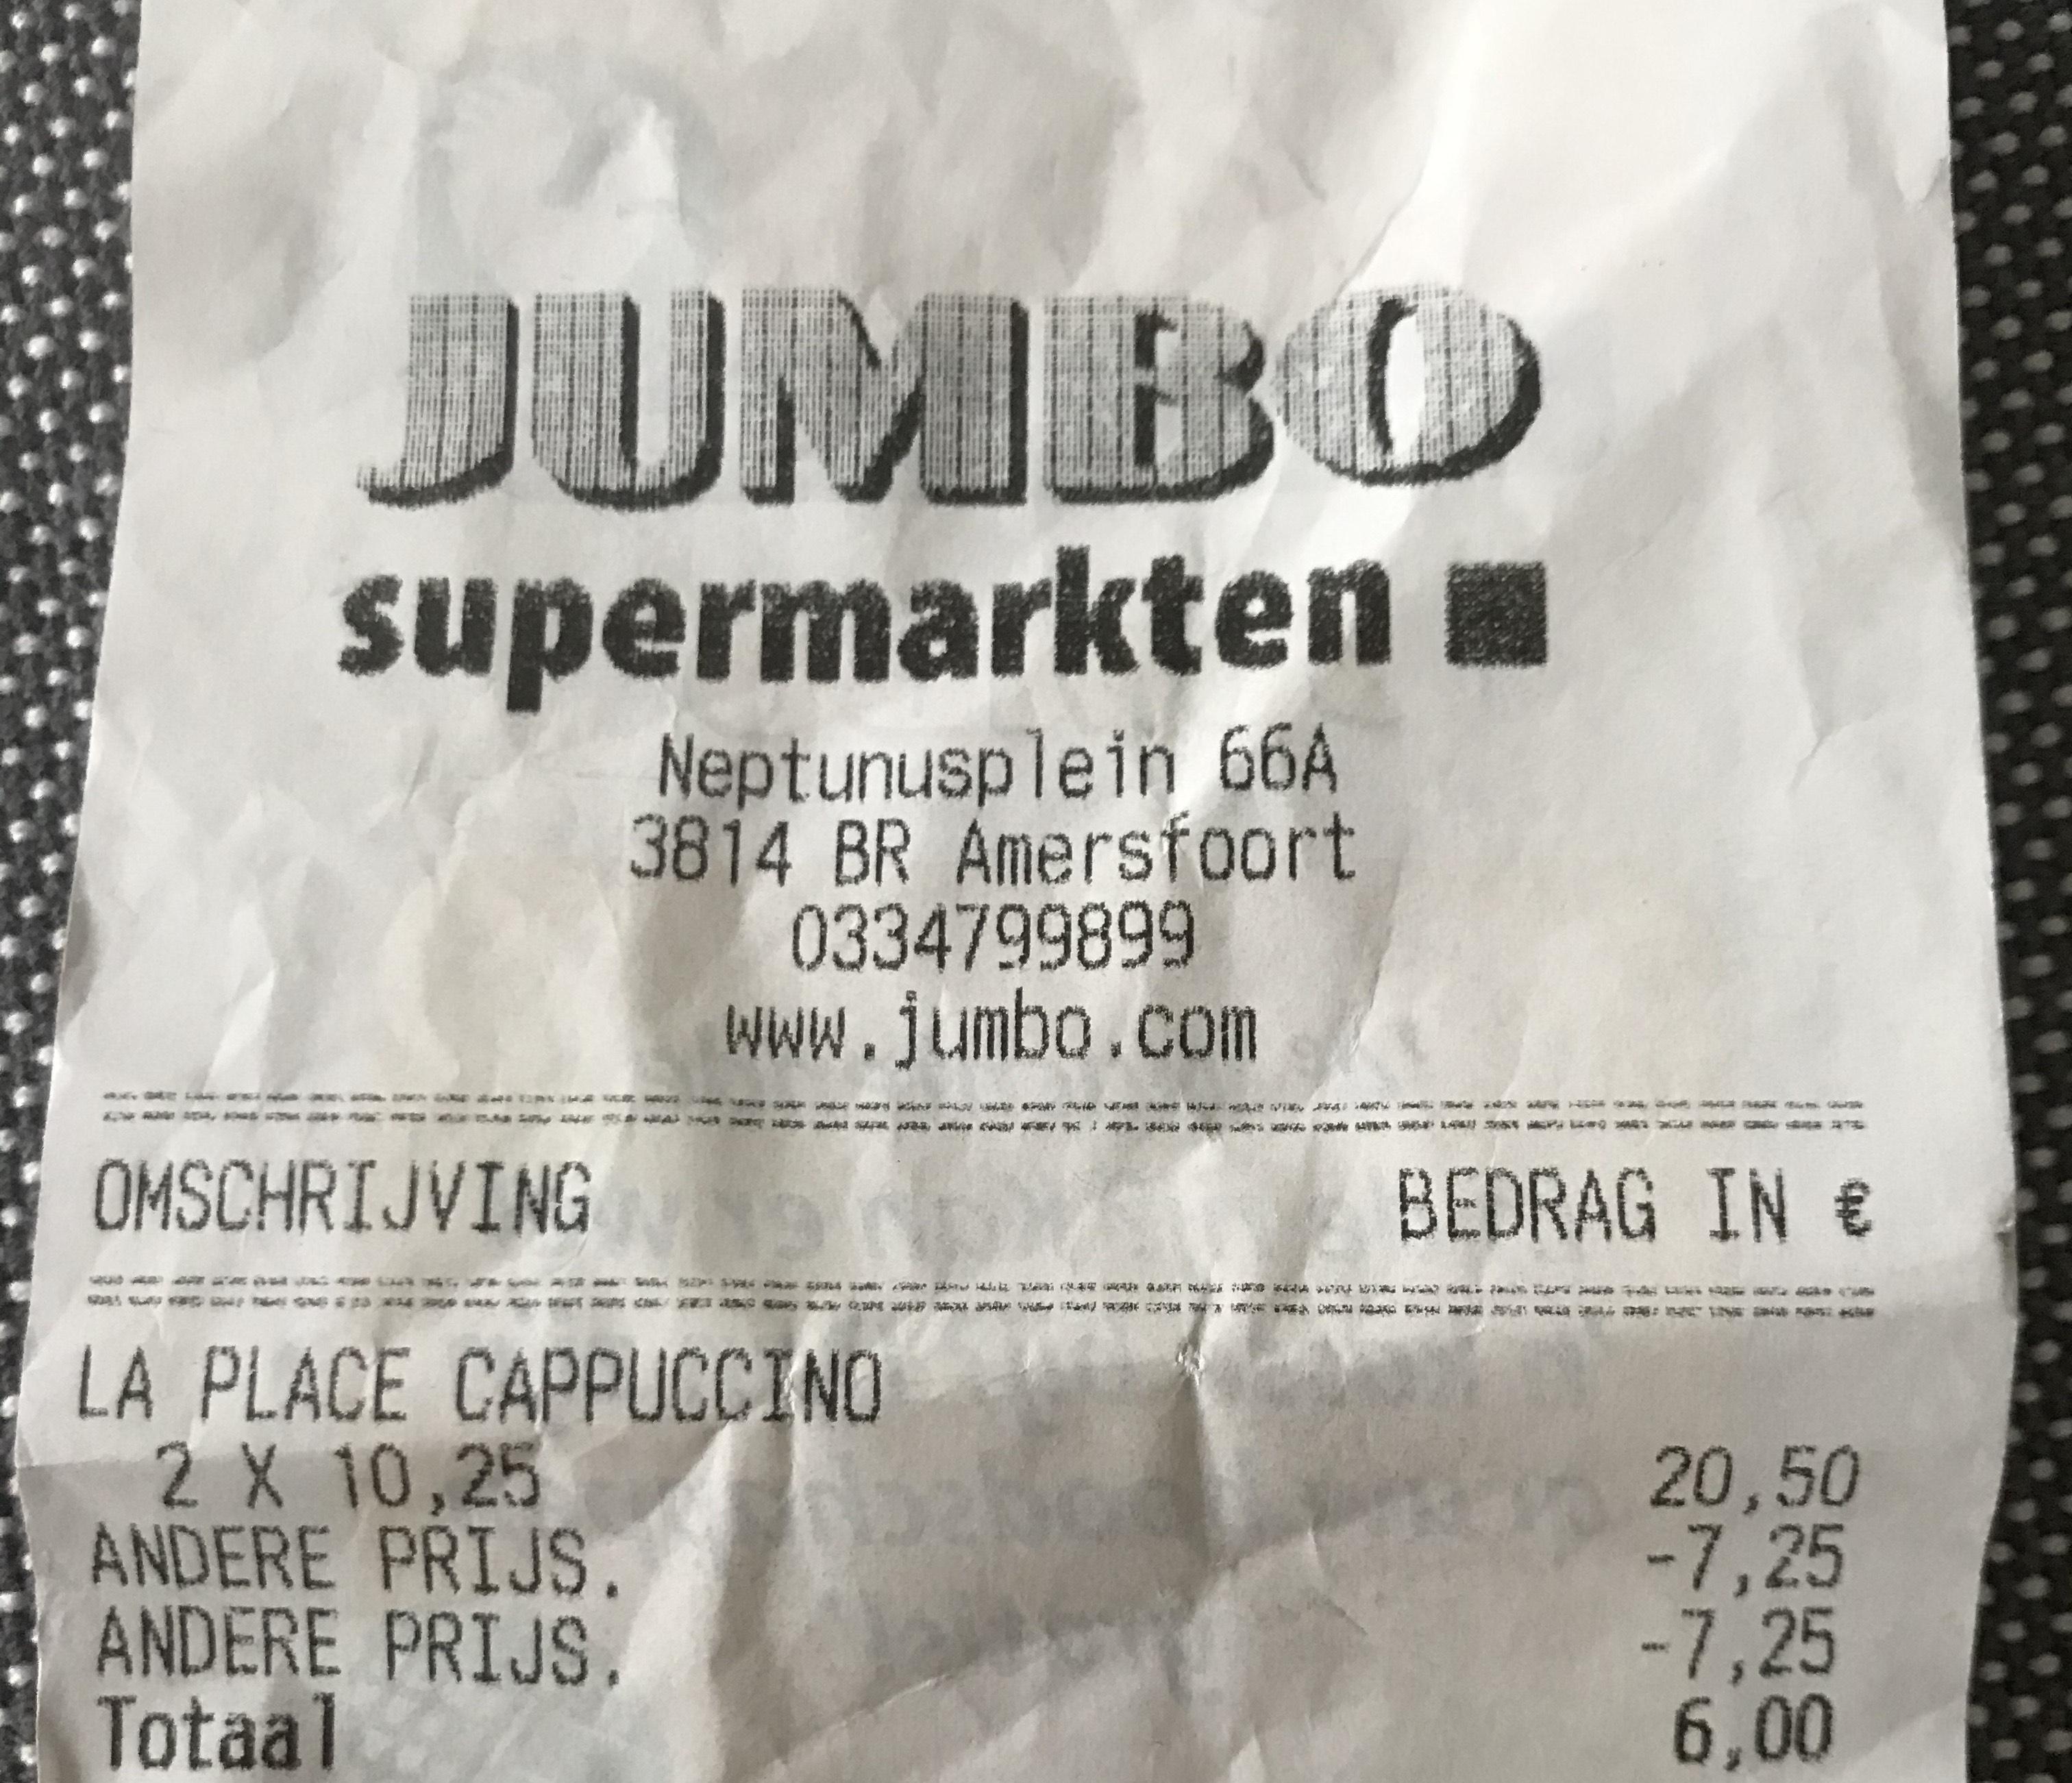 La Place koffiebonen 1kg voor €3 bij de Jumbo